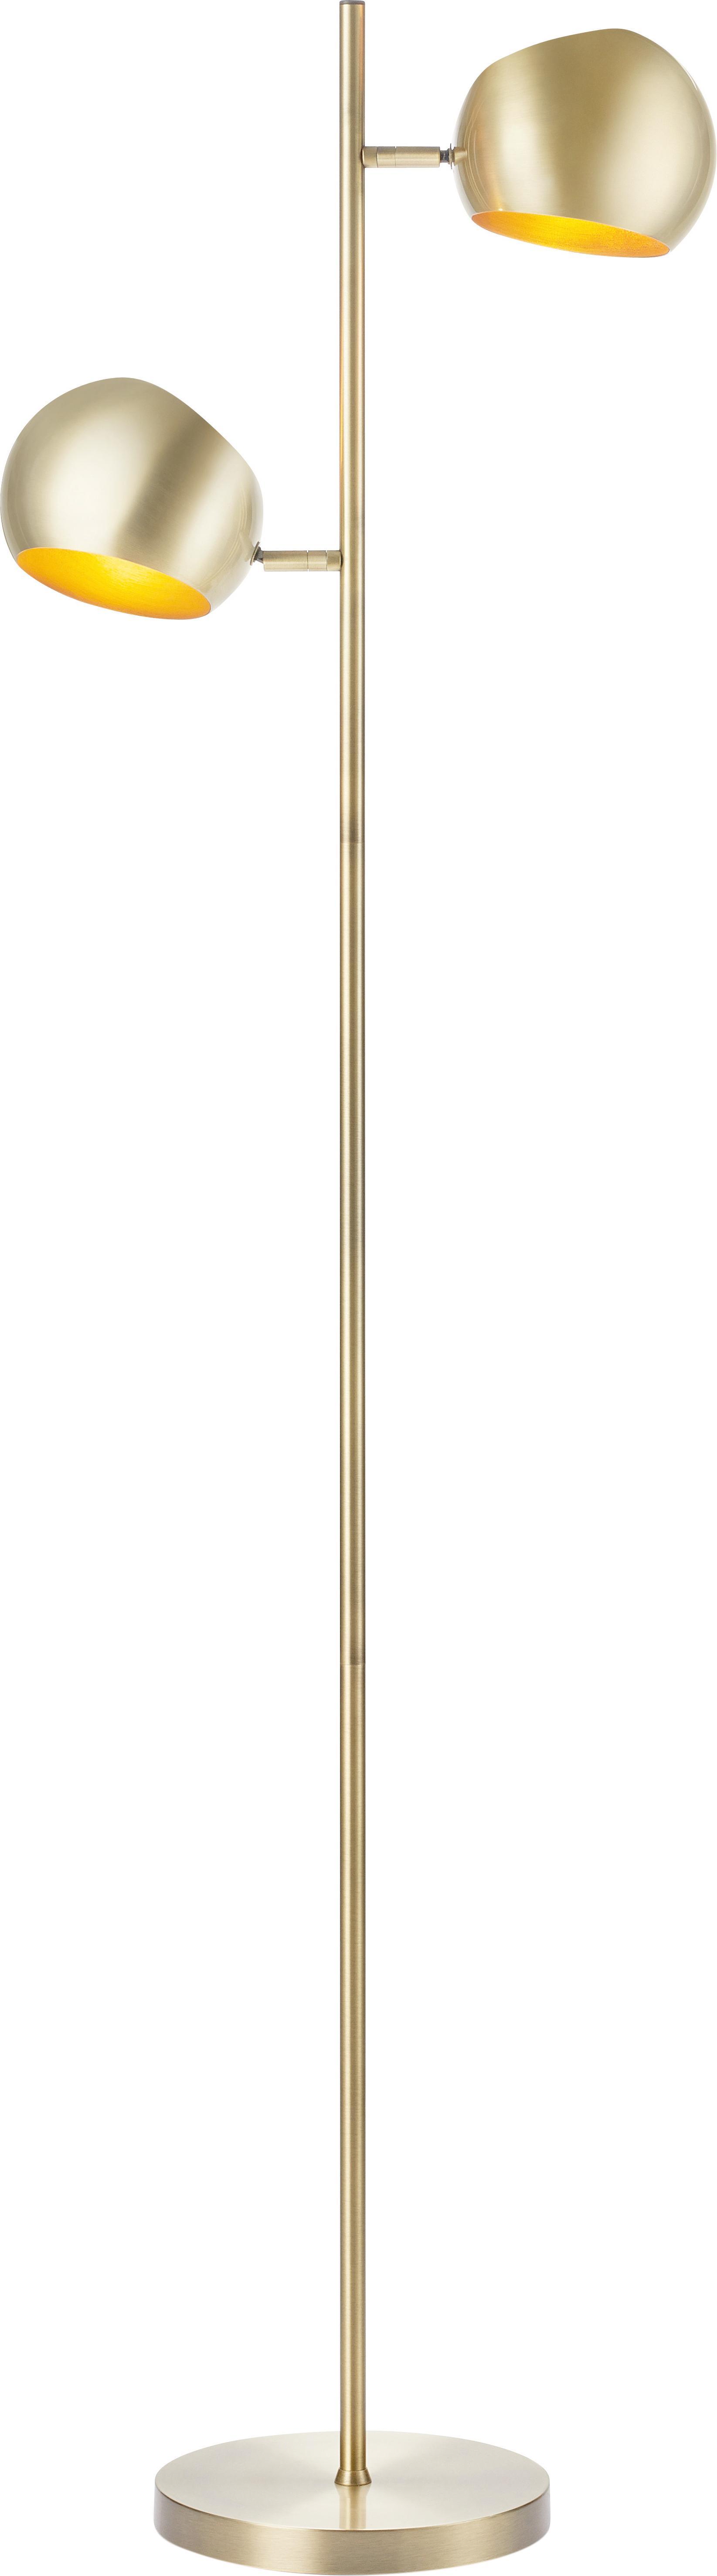 Vloerlamp Edgar, Gelakt metaal, Messingkleurig met antieke afwerking, 42 x 146 cm